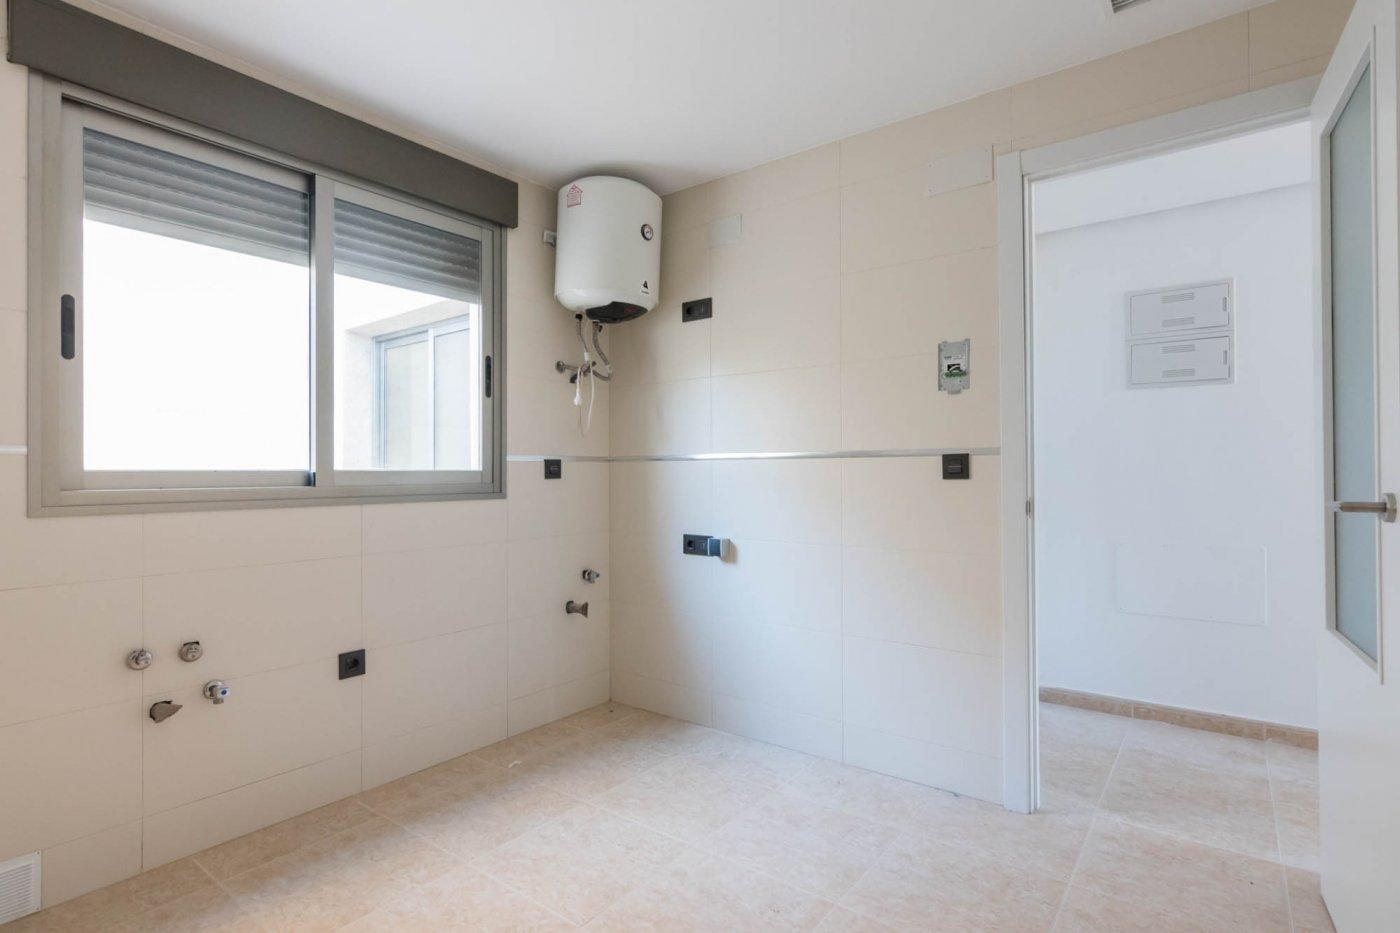 Apartamento · Murcia · Casillas 500€ MES€